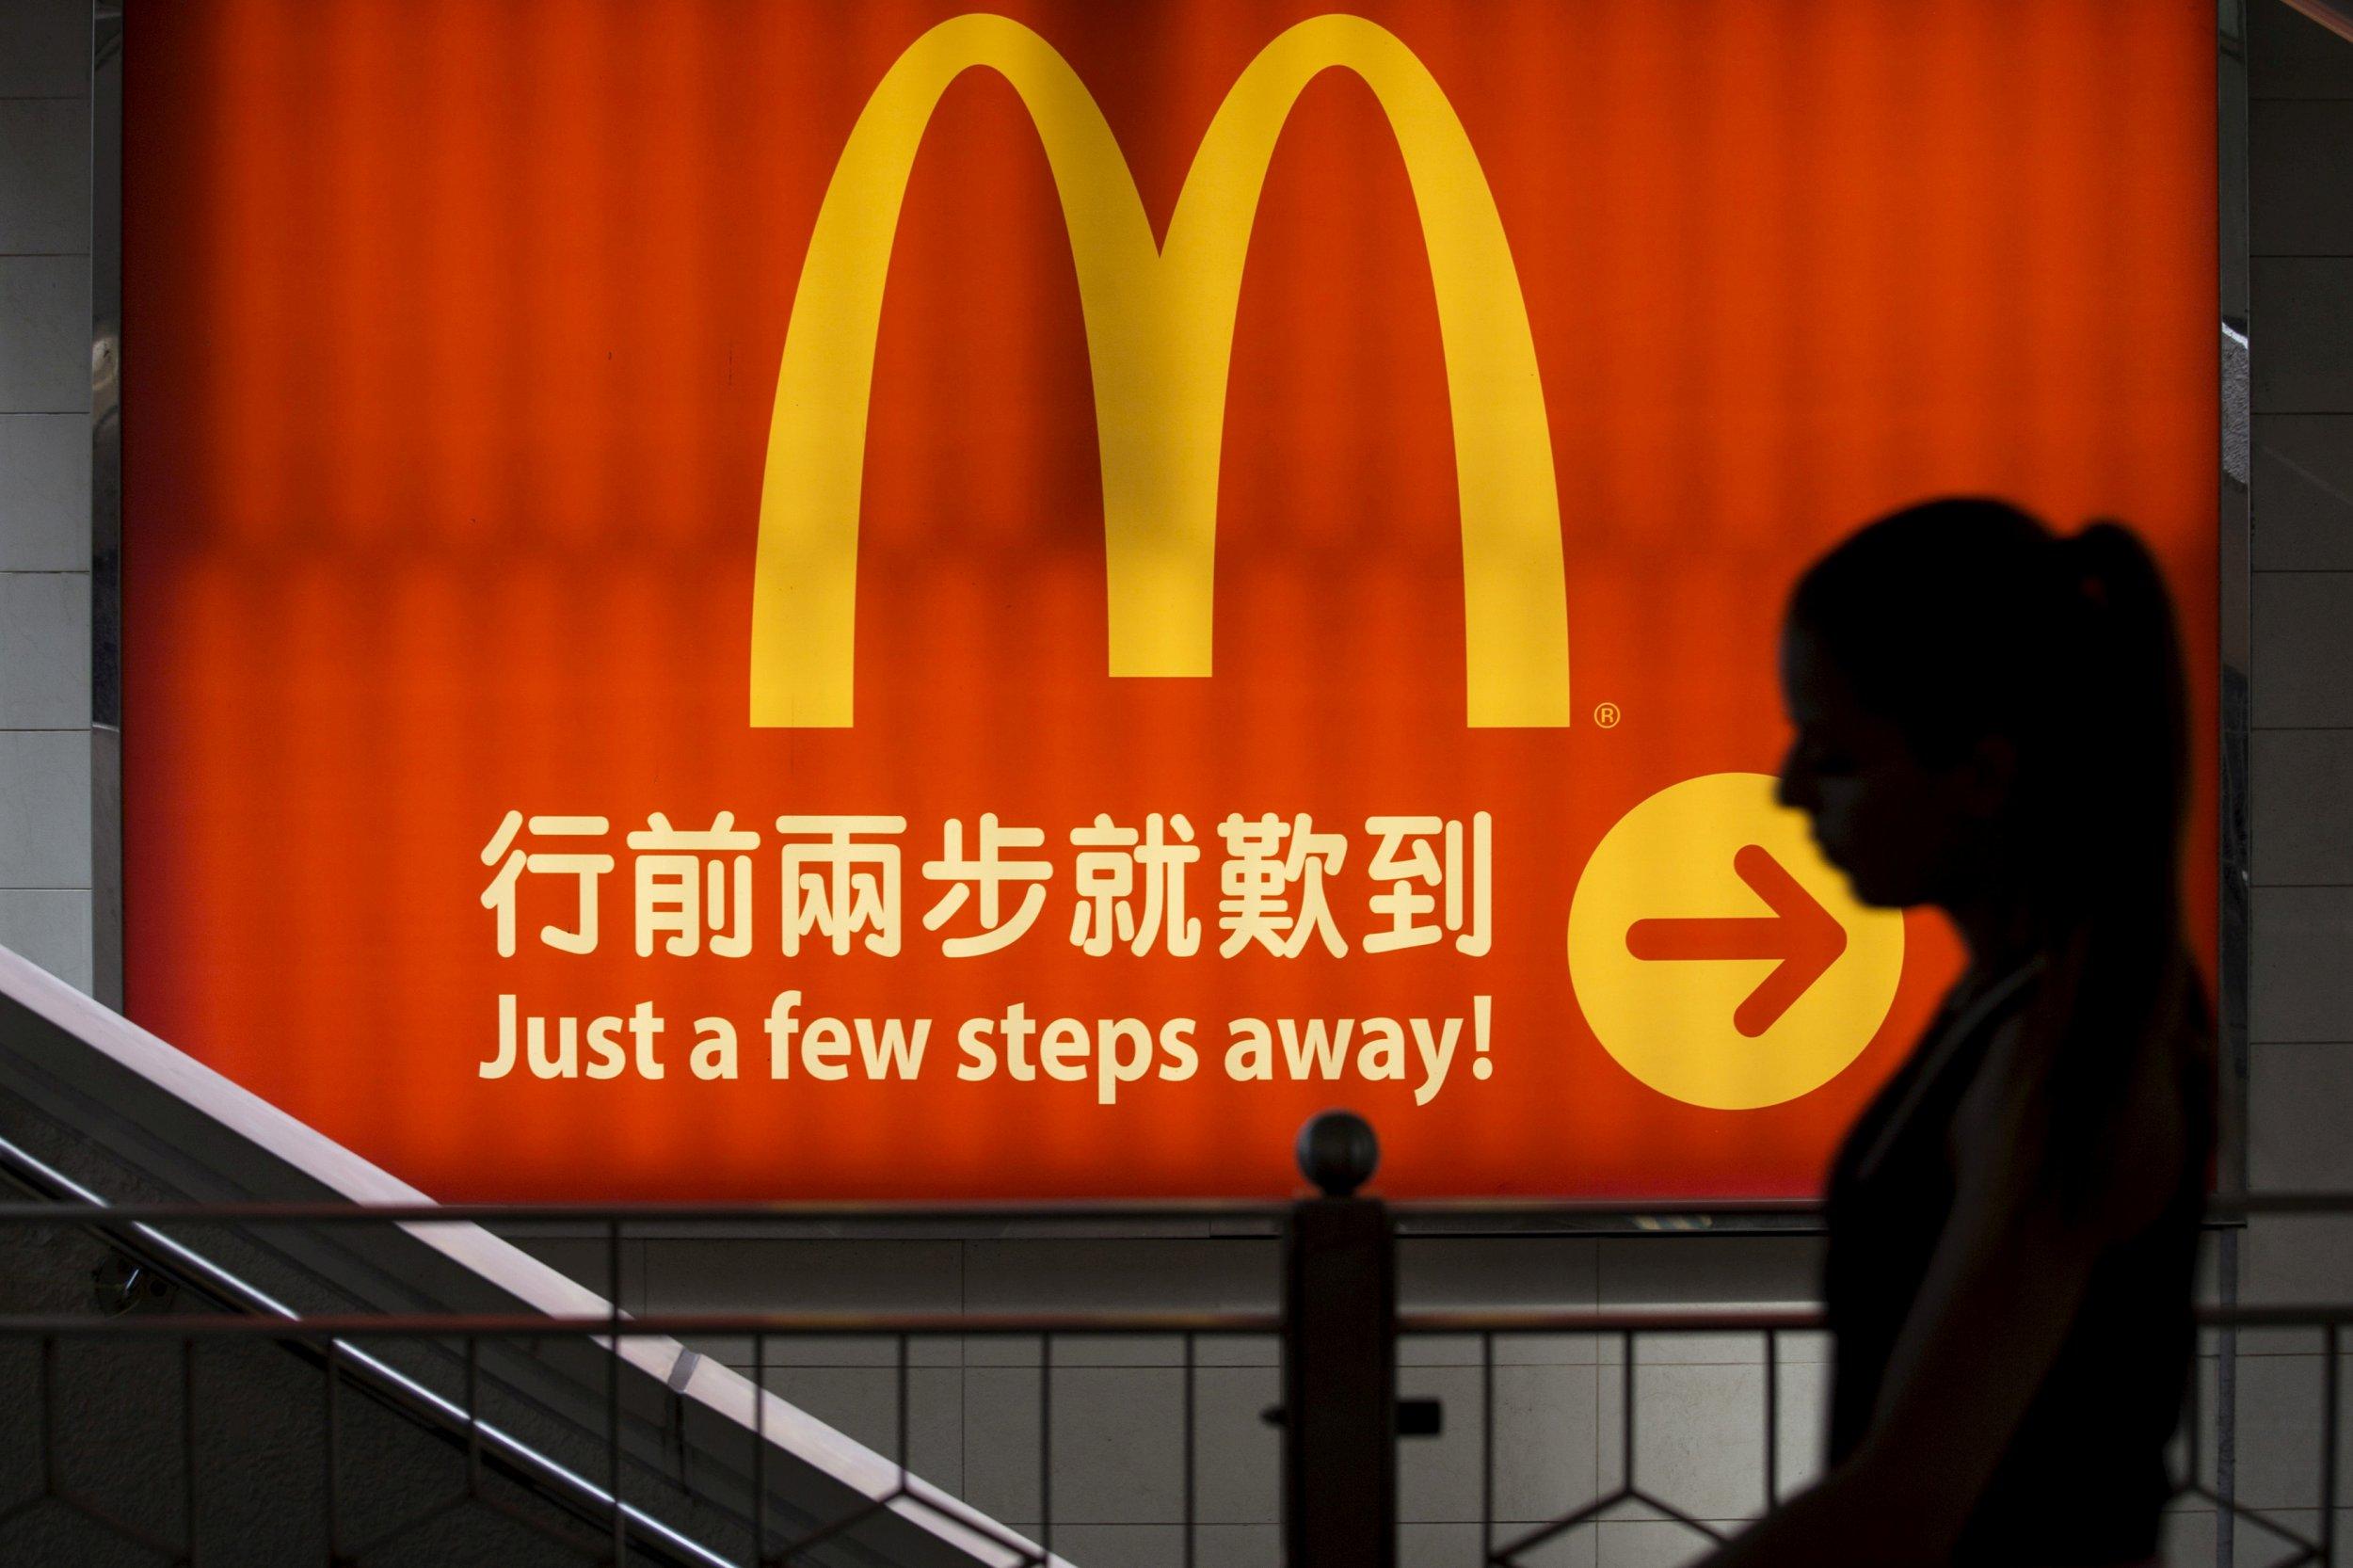 Hong Kong McDonald's